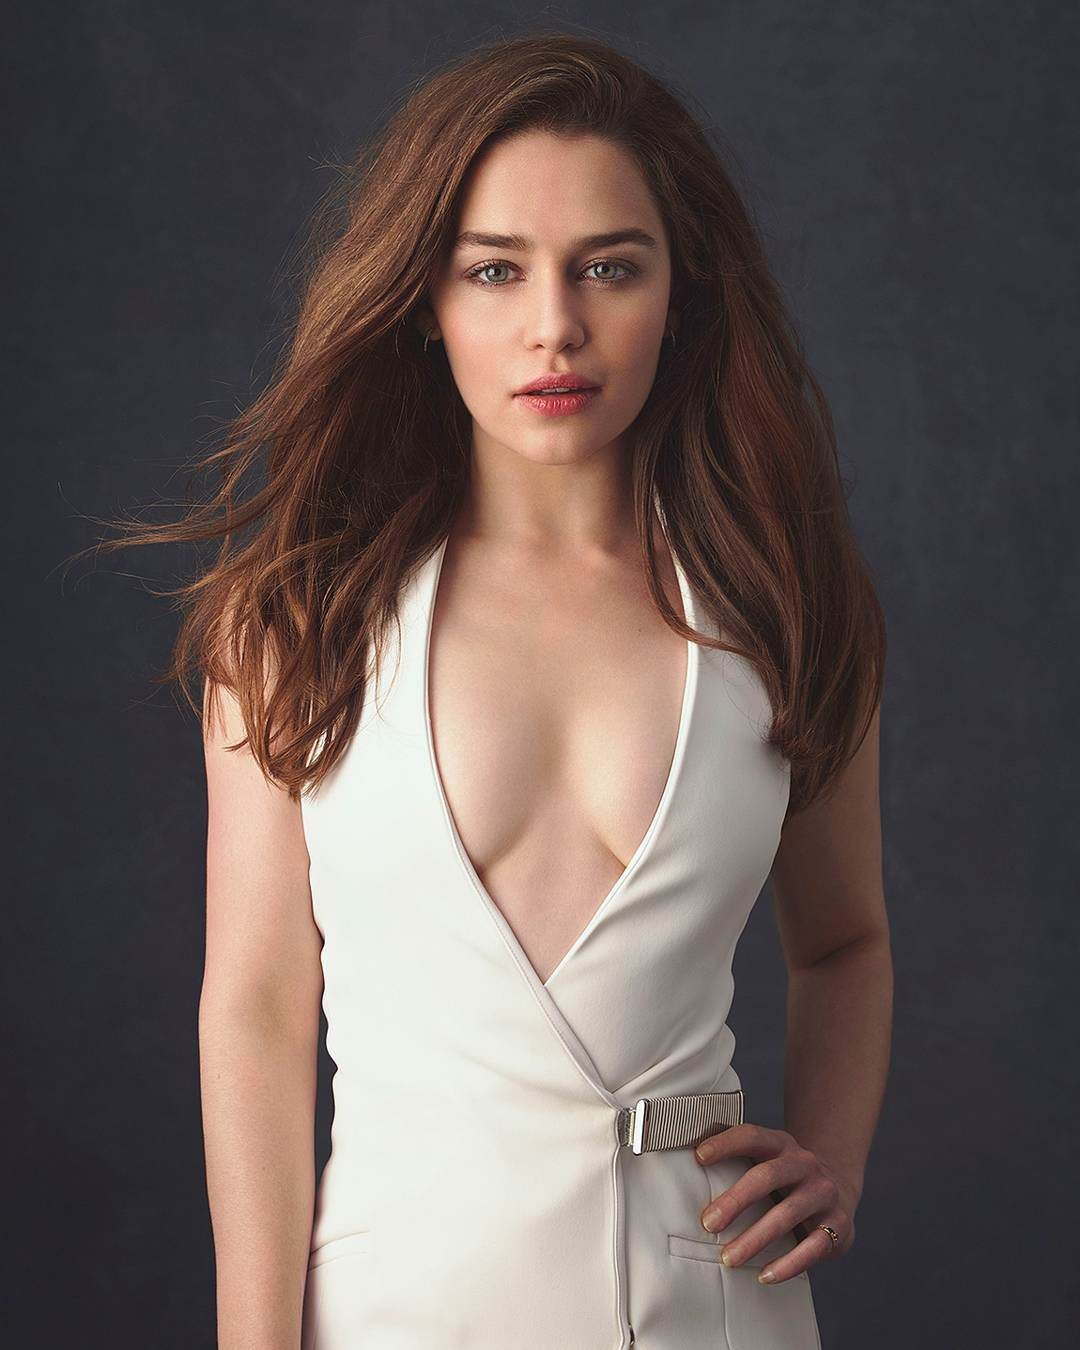 Emilia Clarke at Esquire Photoshot - エミリア・クラーク 写真